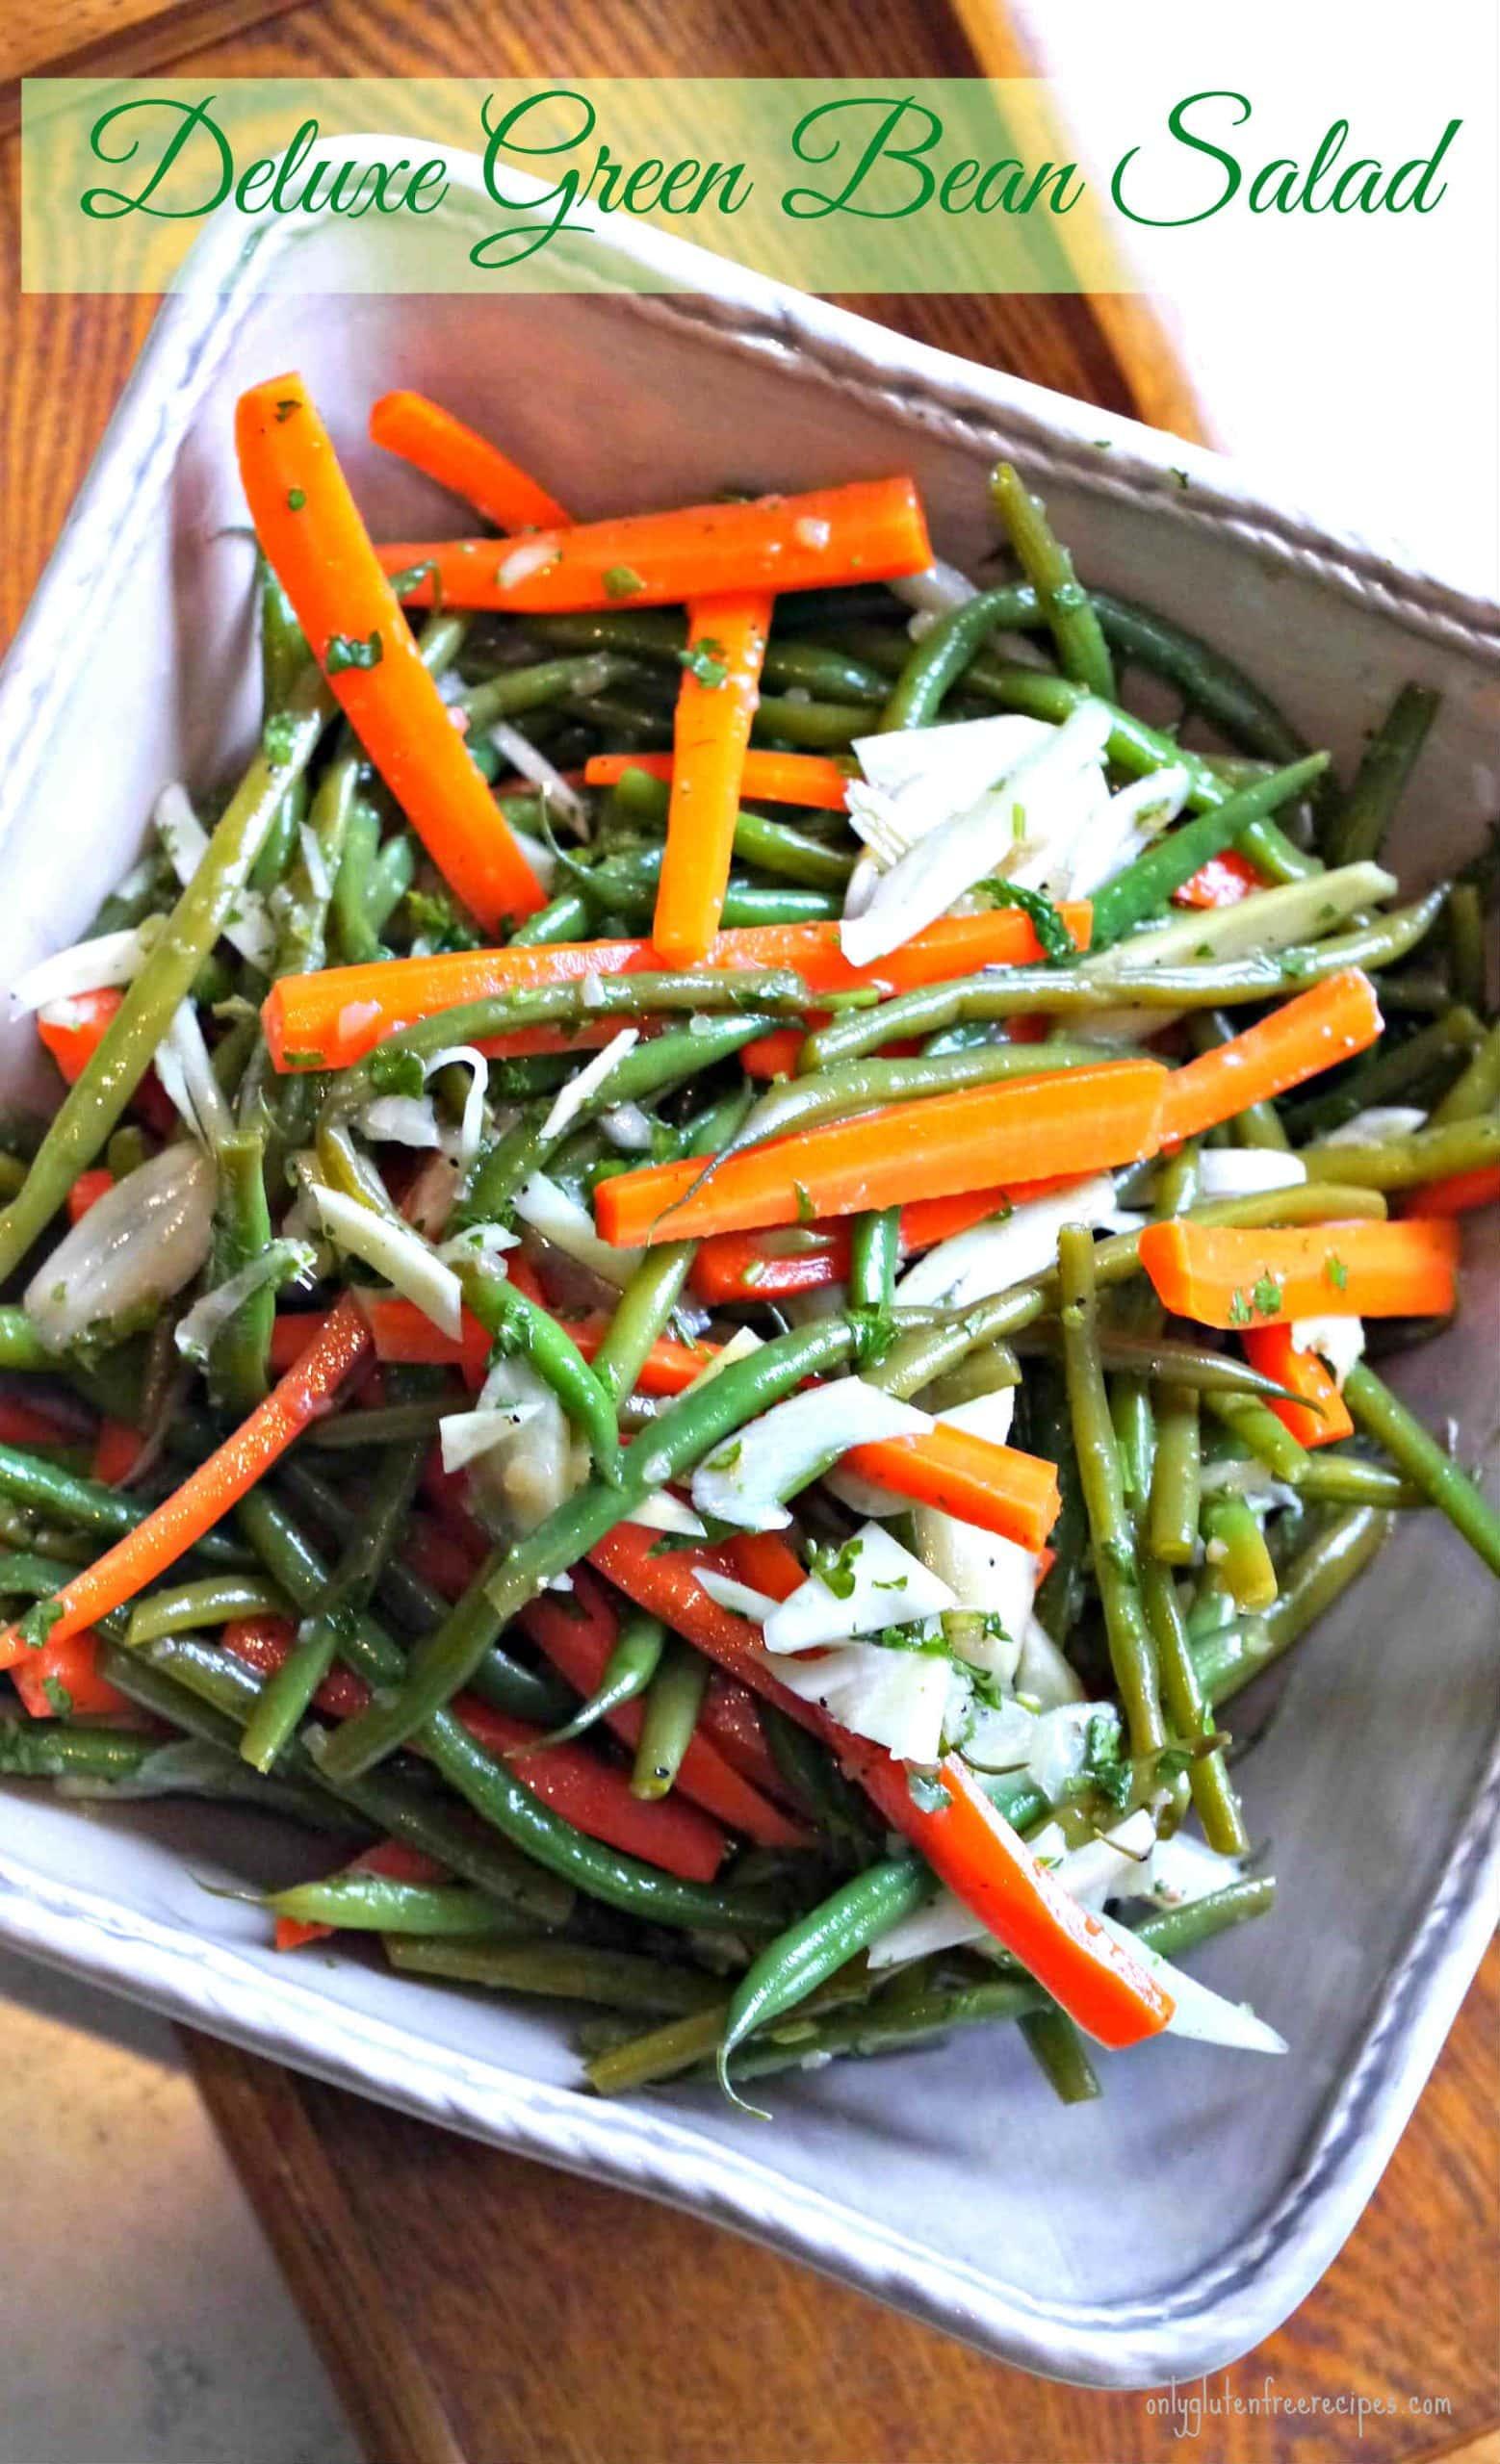 Deluxe Green Bean Salad